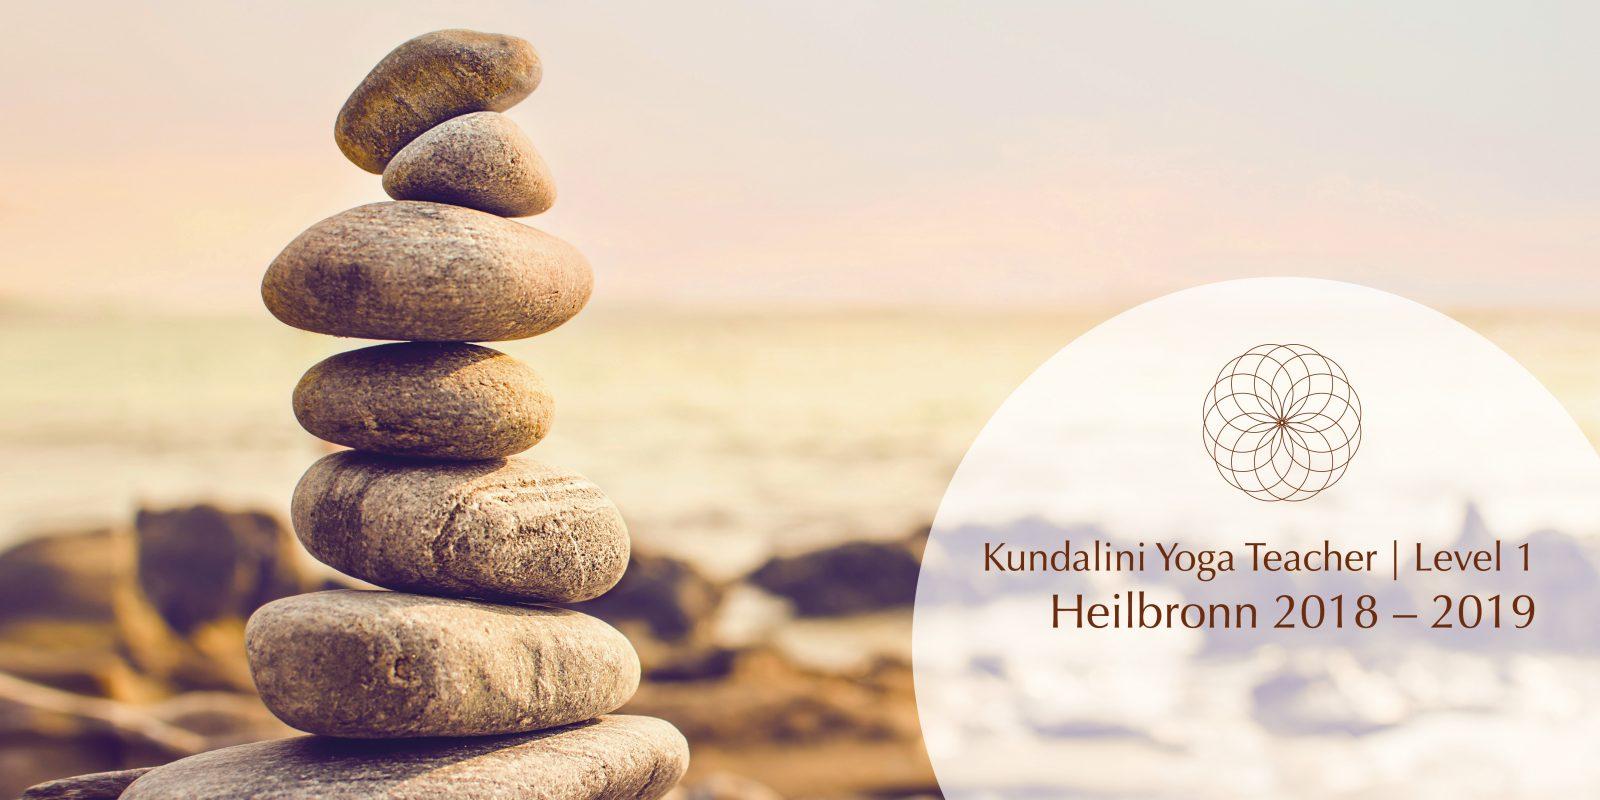 Level 1 | Heilbronn 2018/2019